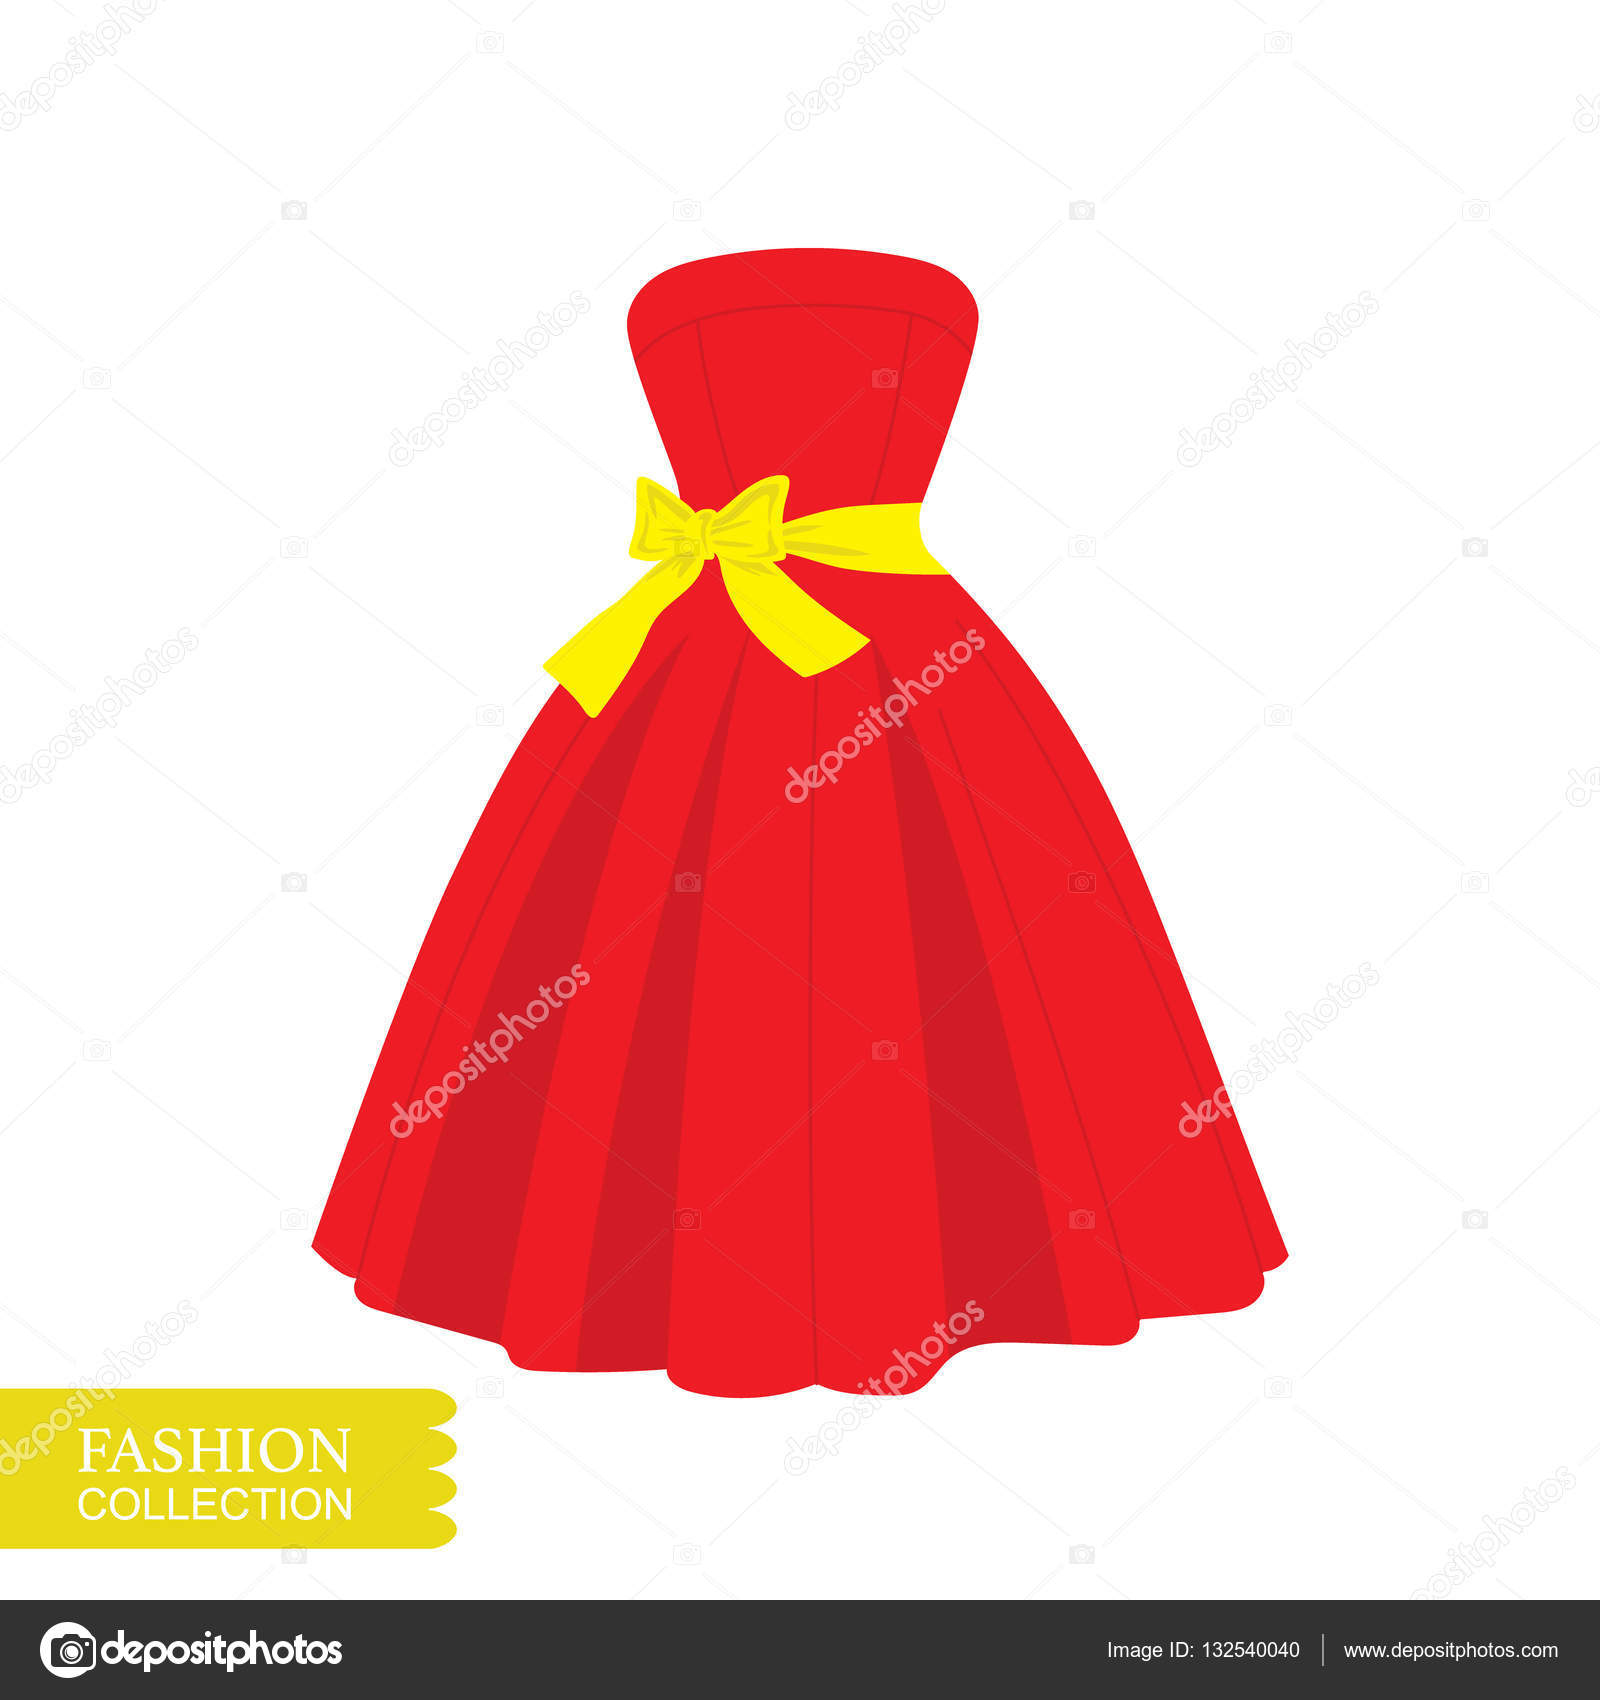 18fce9dcd47d0 çok güzel bir elbise çizimi. — Stok Vektör © barkarola #132540040